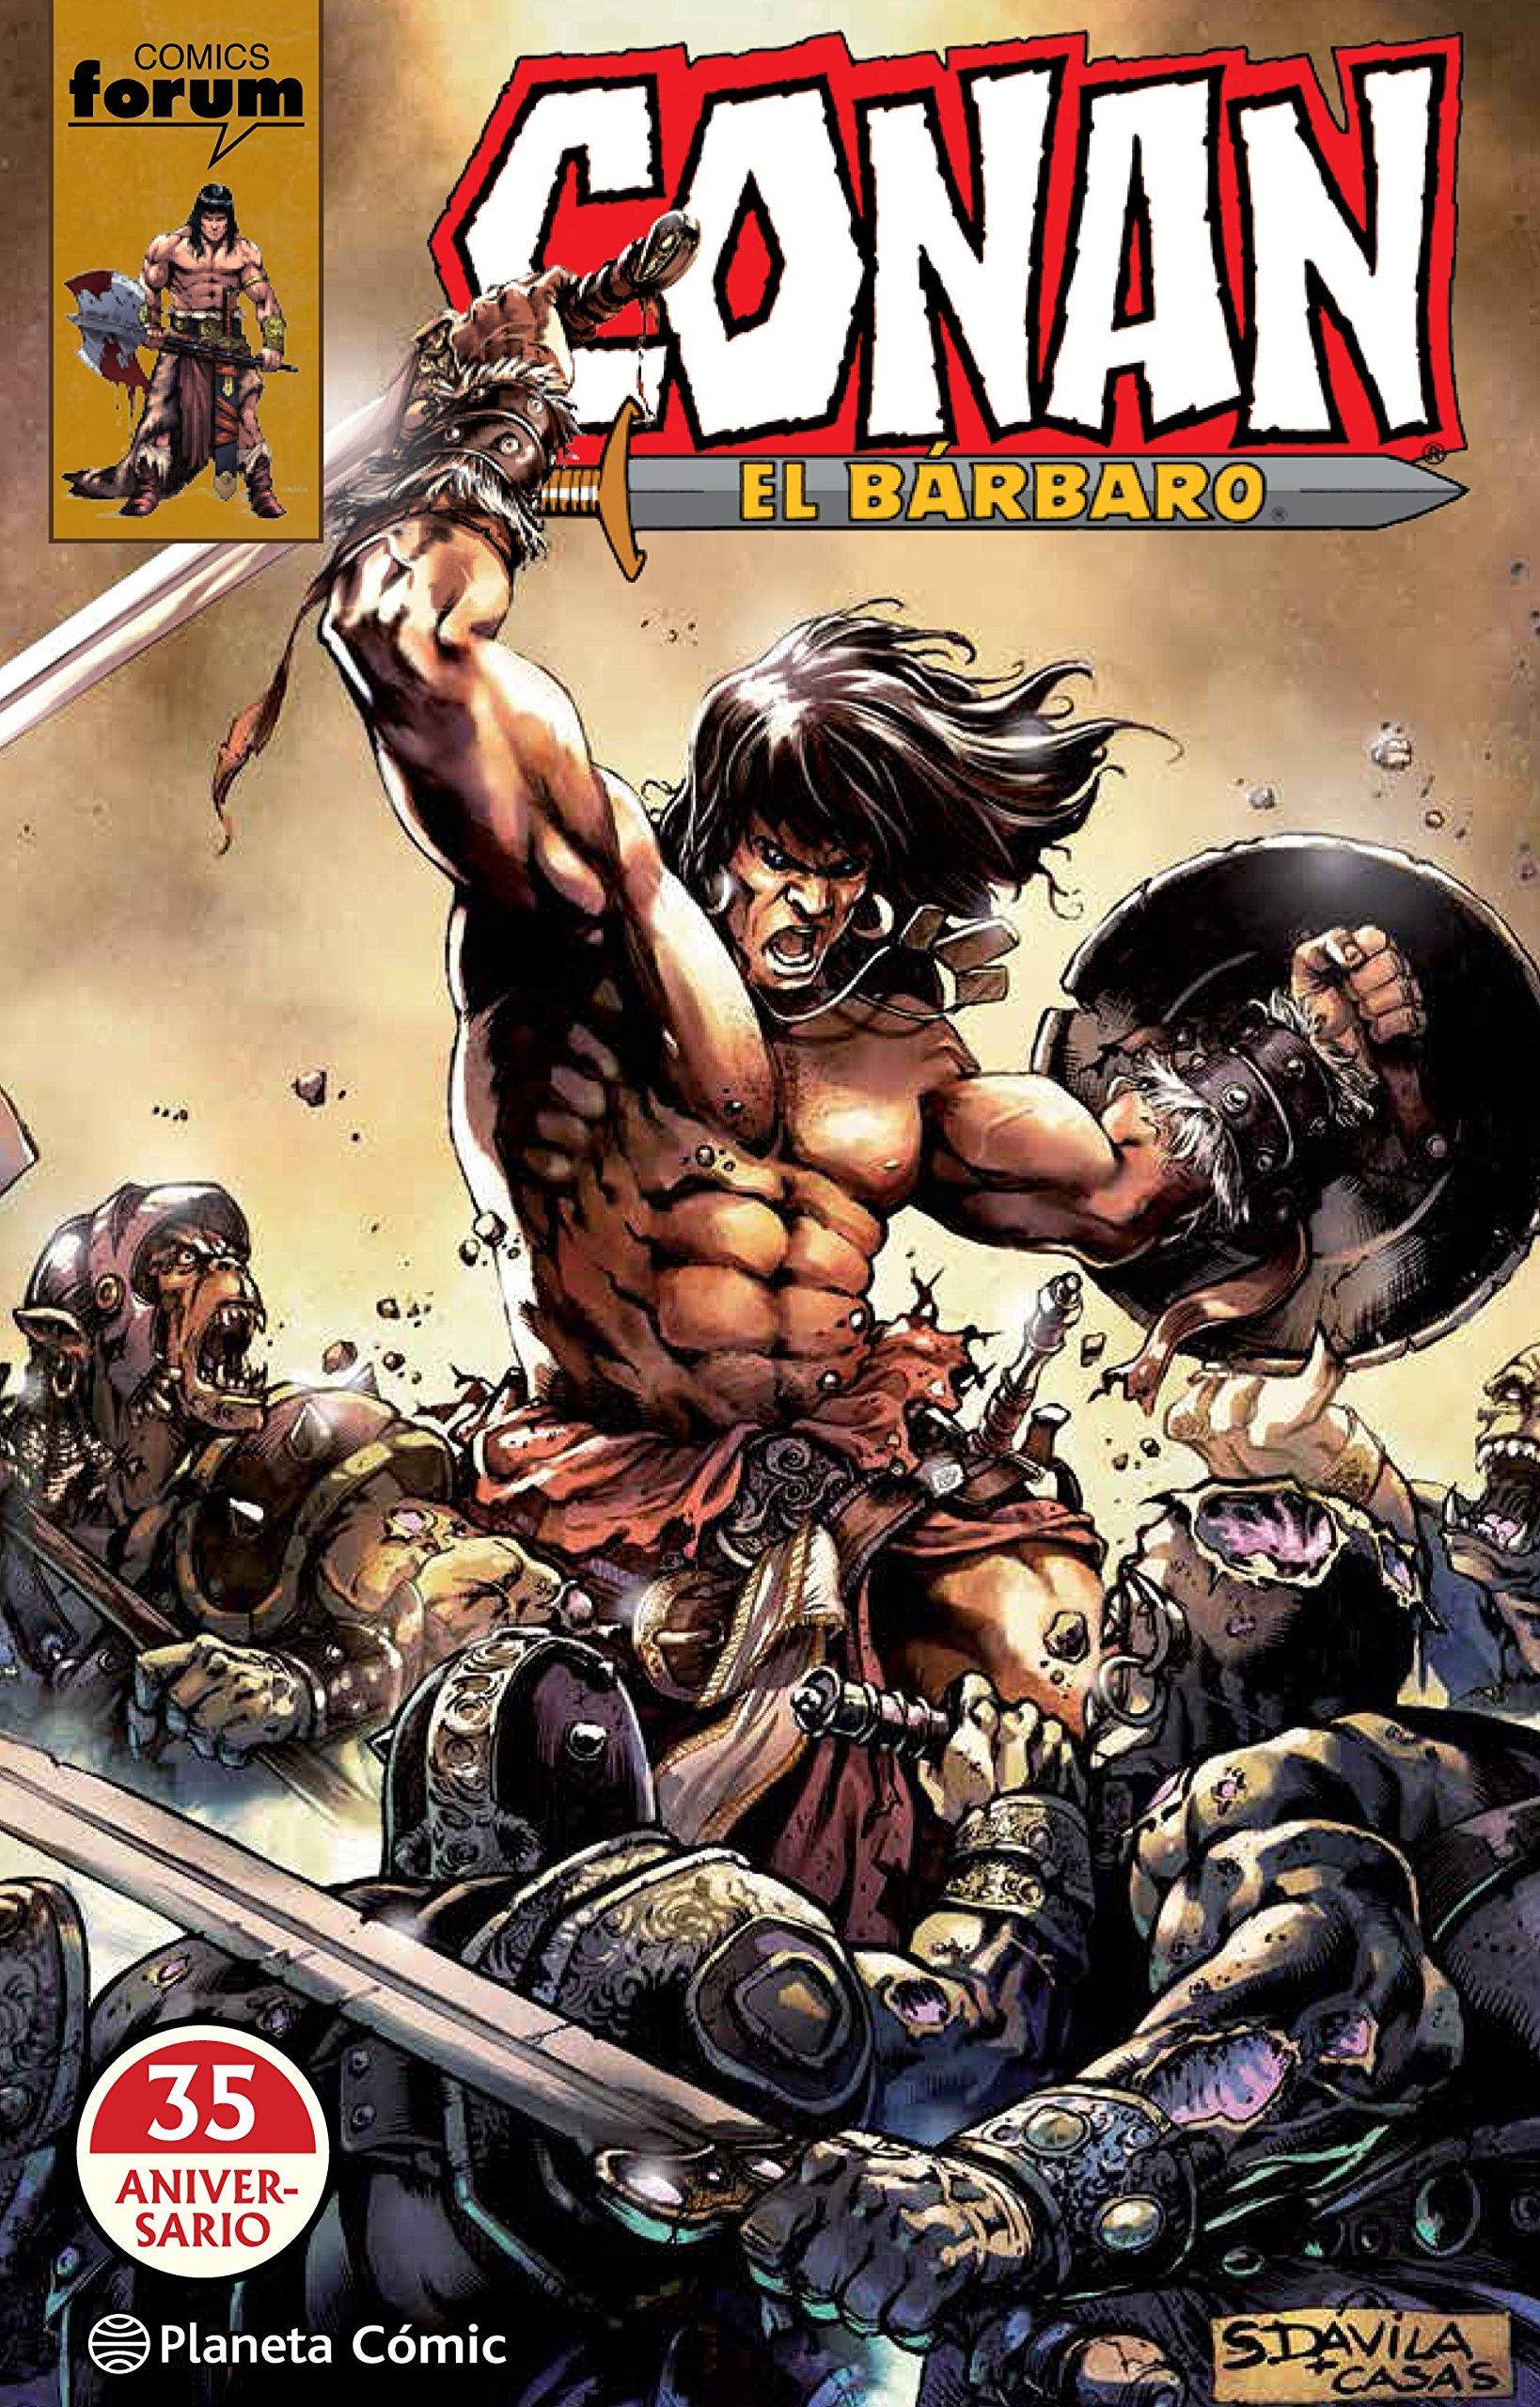 Conan El bárbaro 35 Aniversario: Amazon.es: AA. VV., García de Isusi, Víctor Manuel: Libros